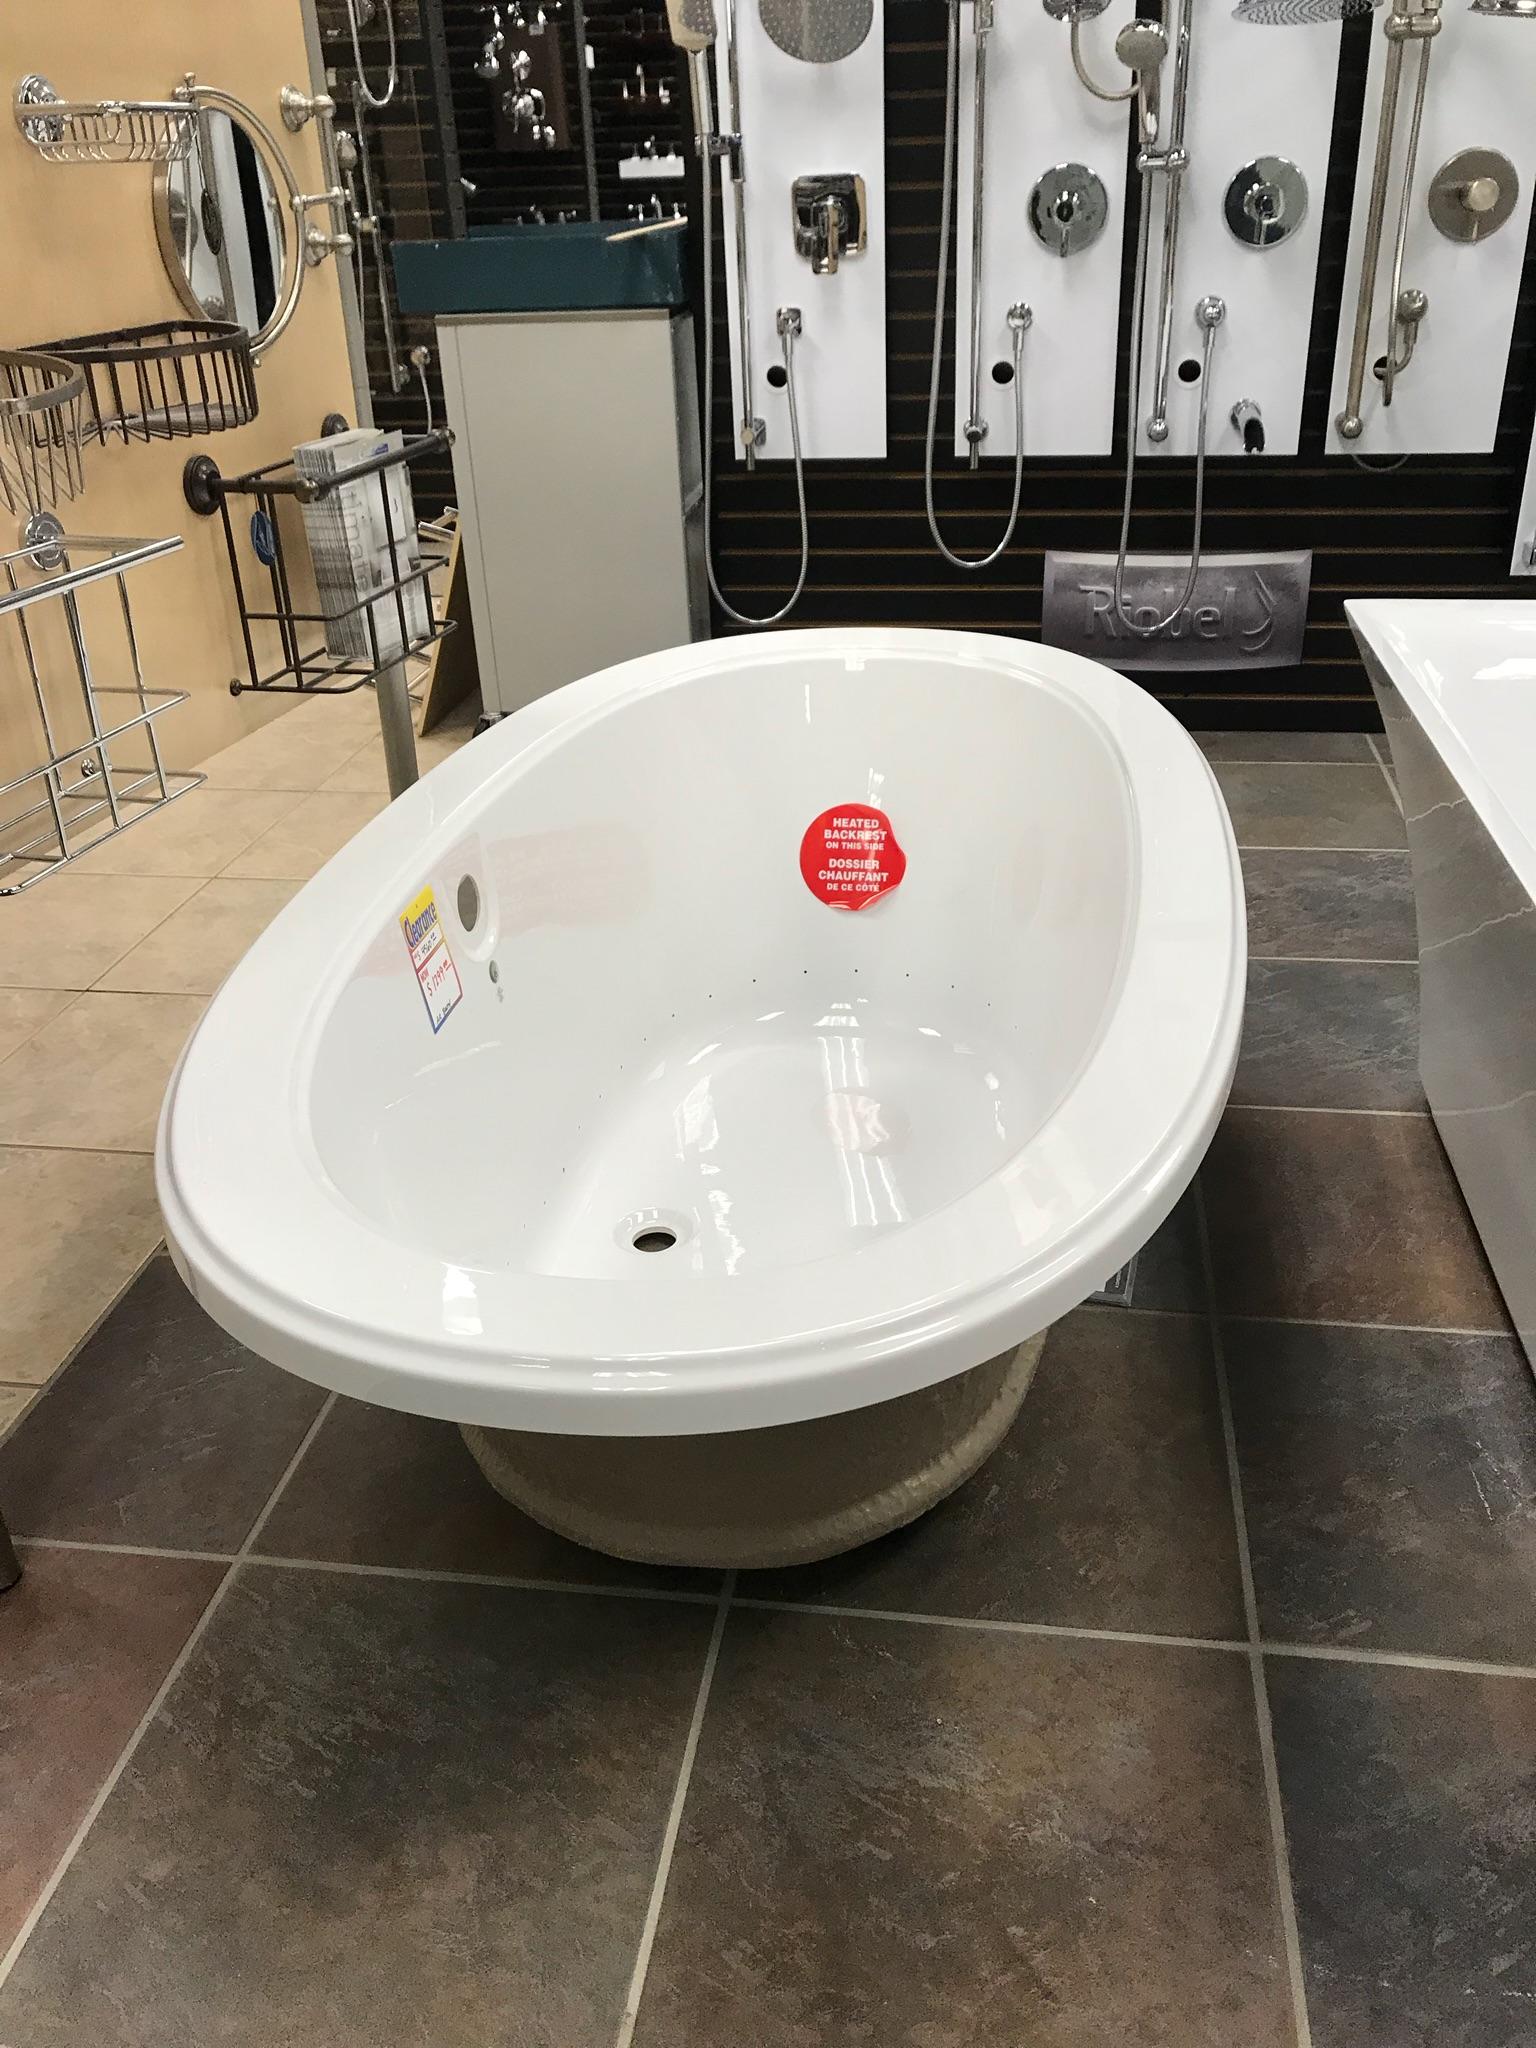 Bain Ultra air jetted tub